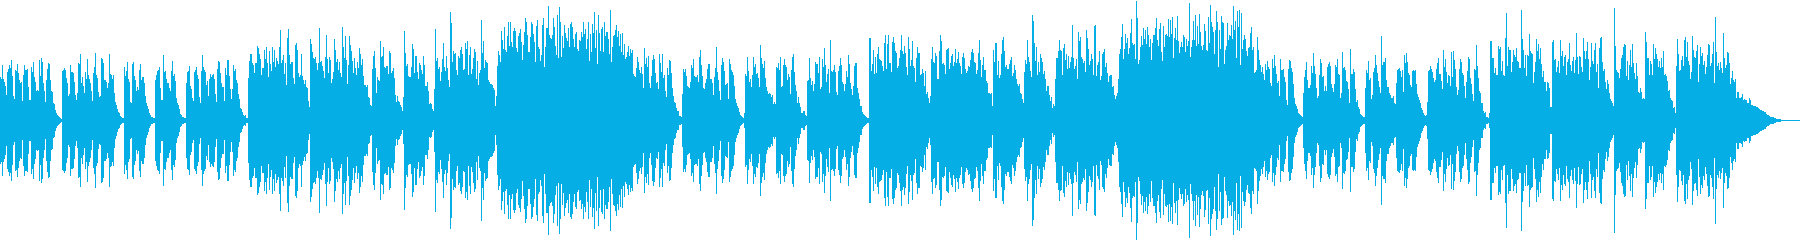 やさしい寝息のような音楽で癒やされるの再生済みの波形